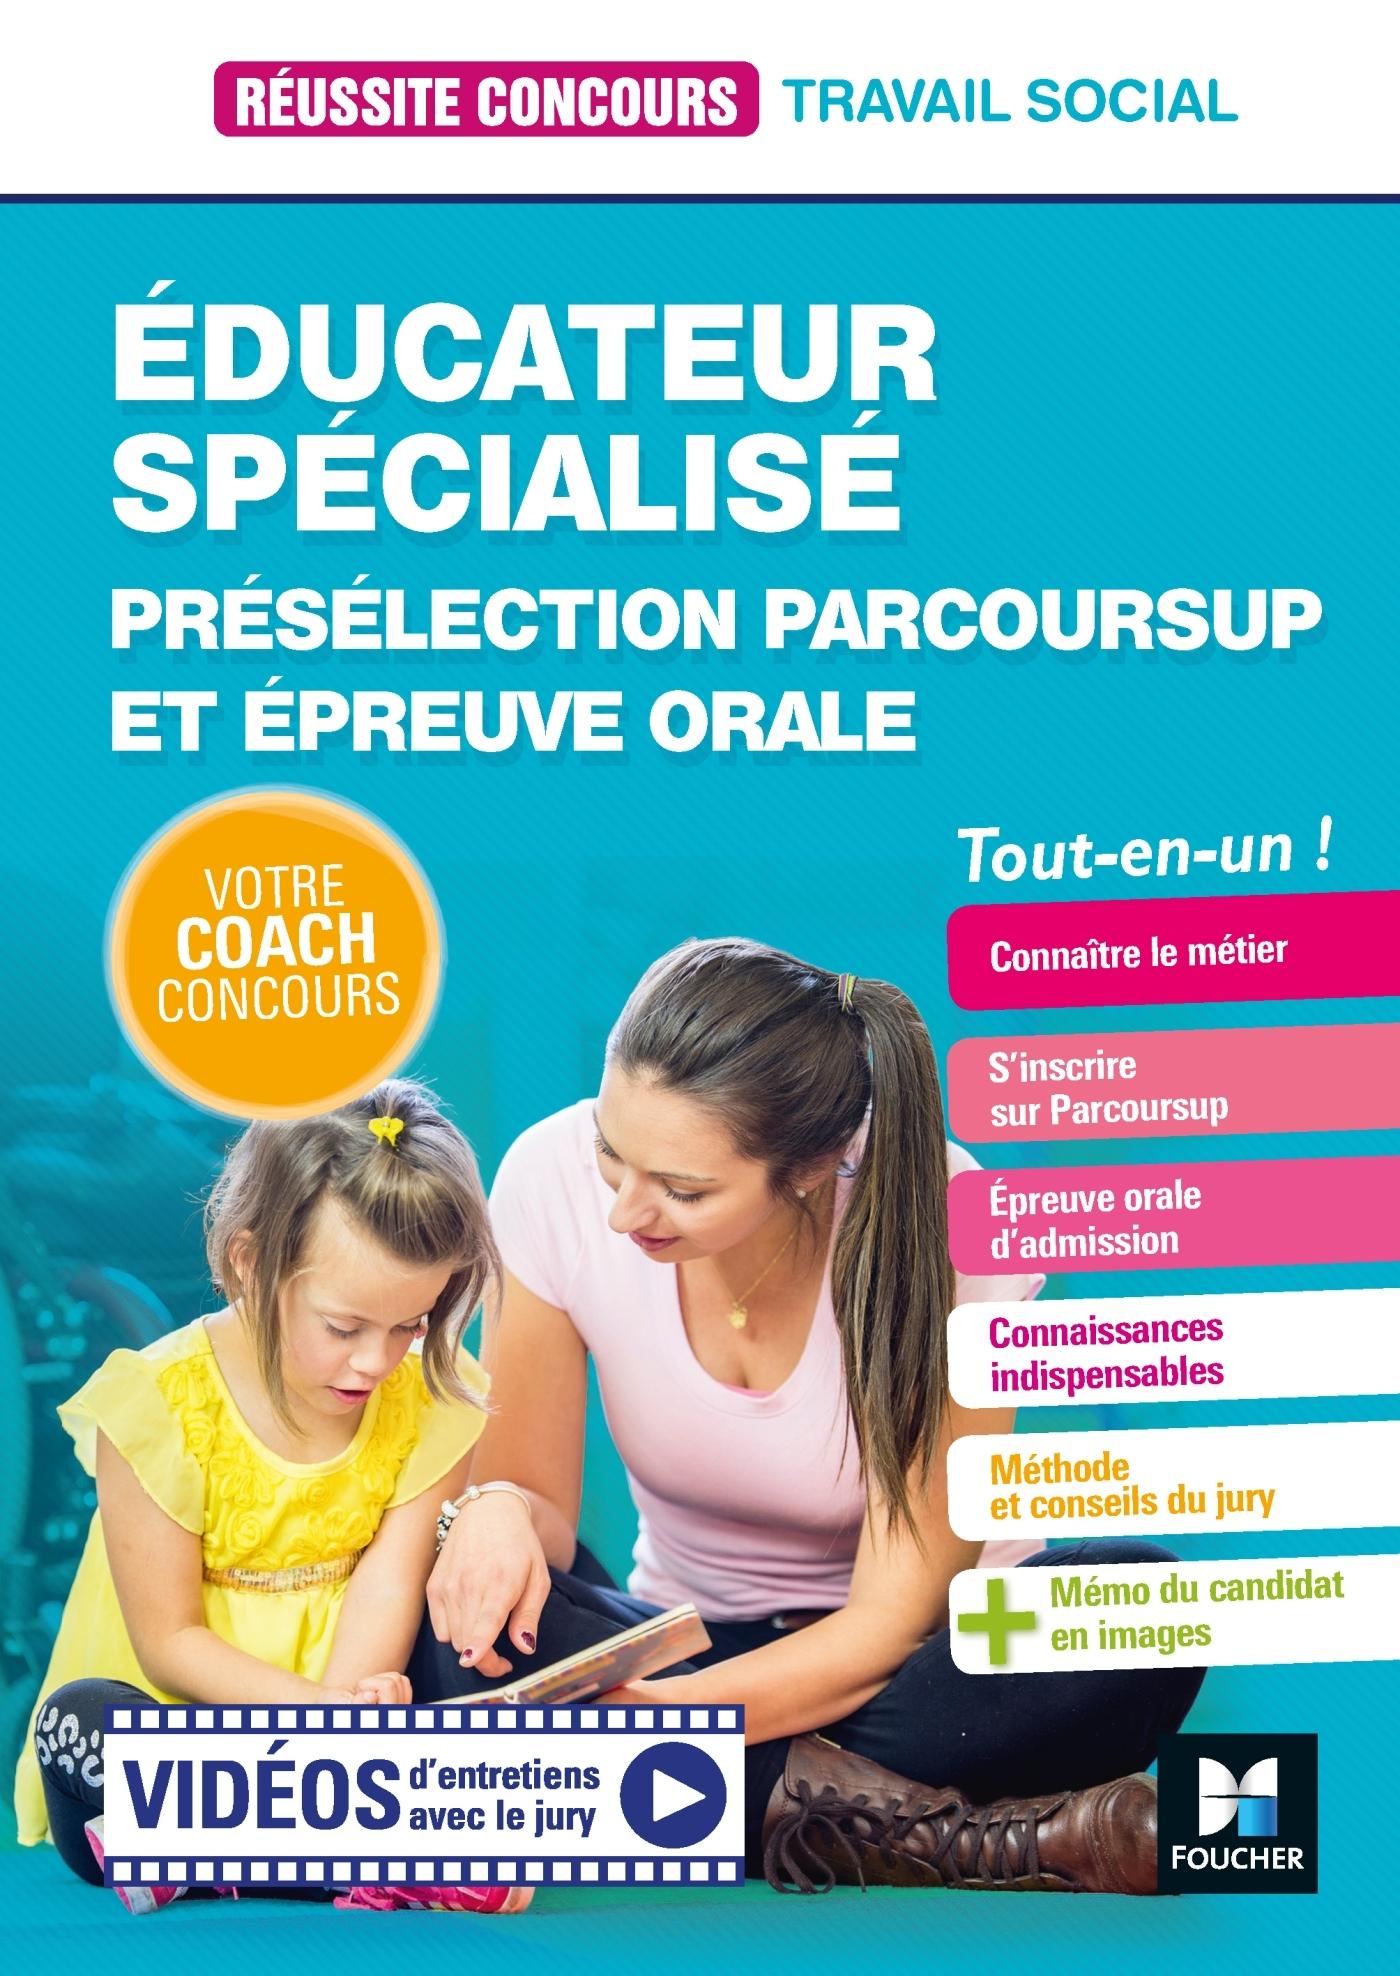 REUSSITE CONCOURS EDUCATEUR SPECIALISE - ES - PRESELECTION PARCOURSUP + EPREUVE ORALE - PREPARATION